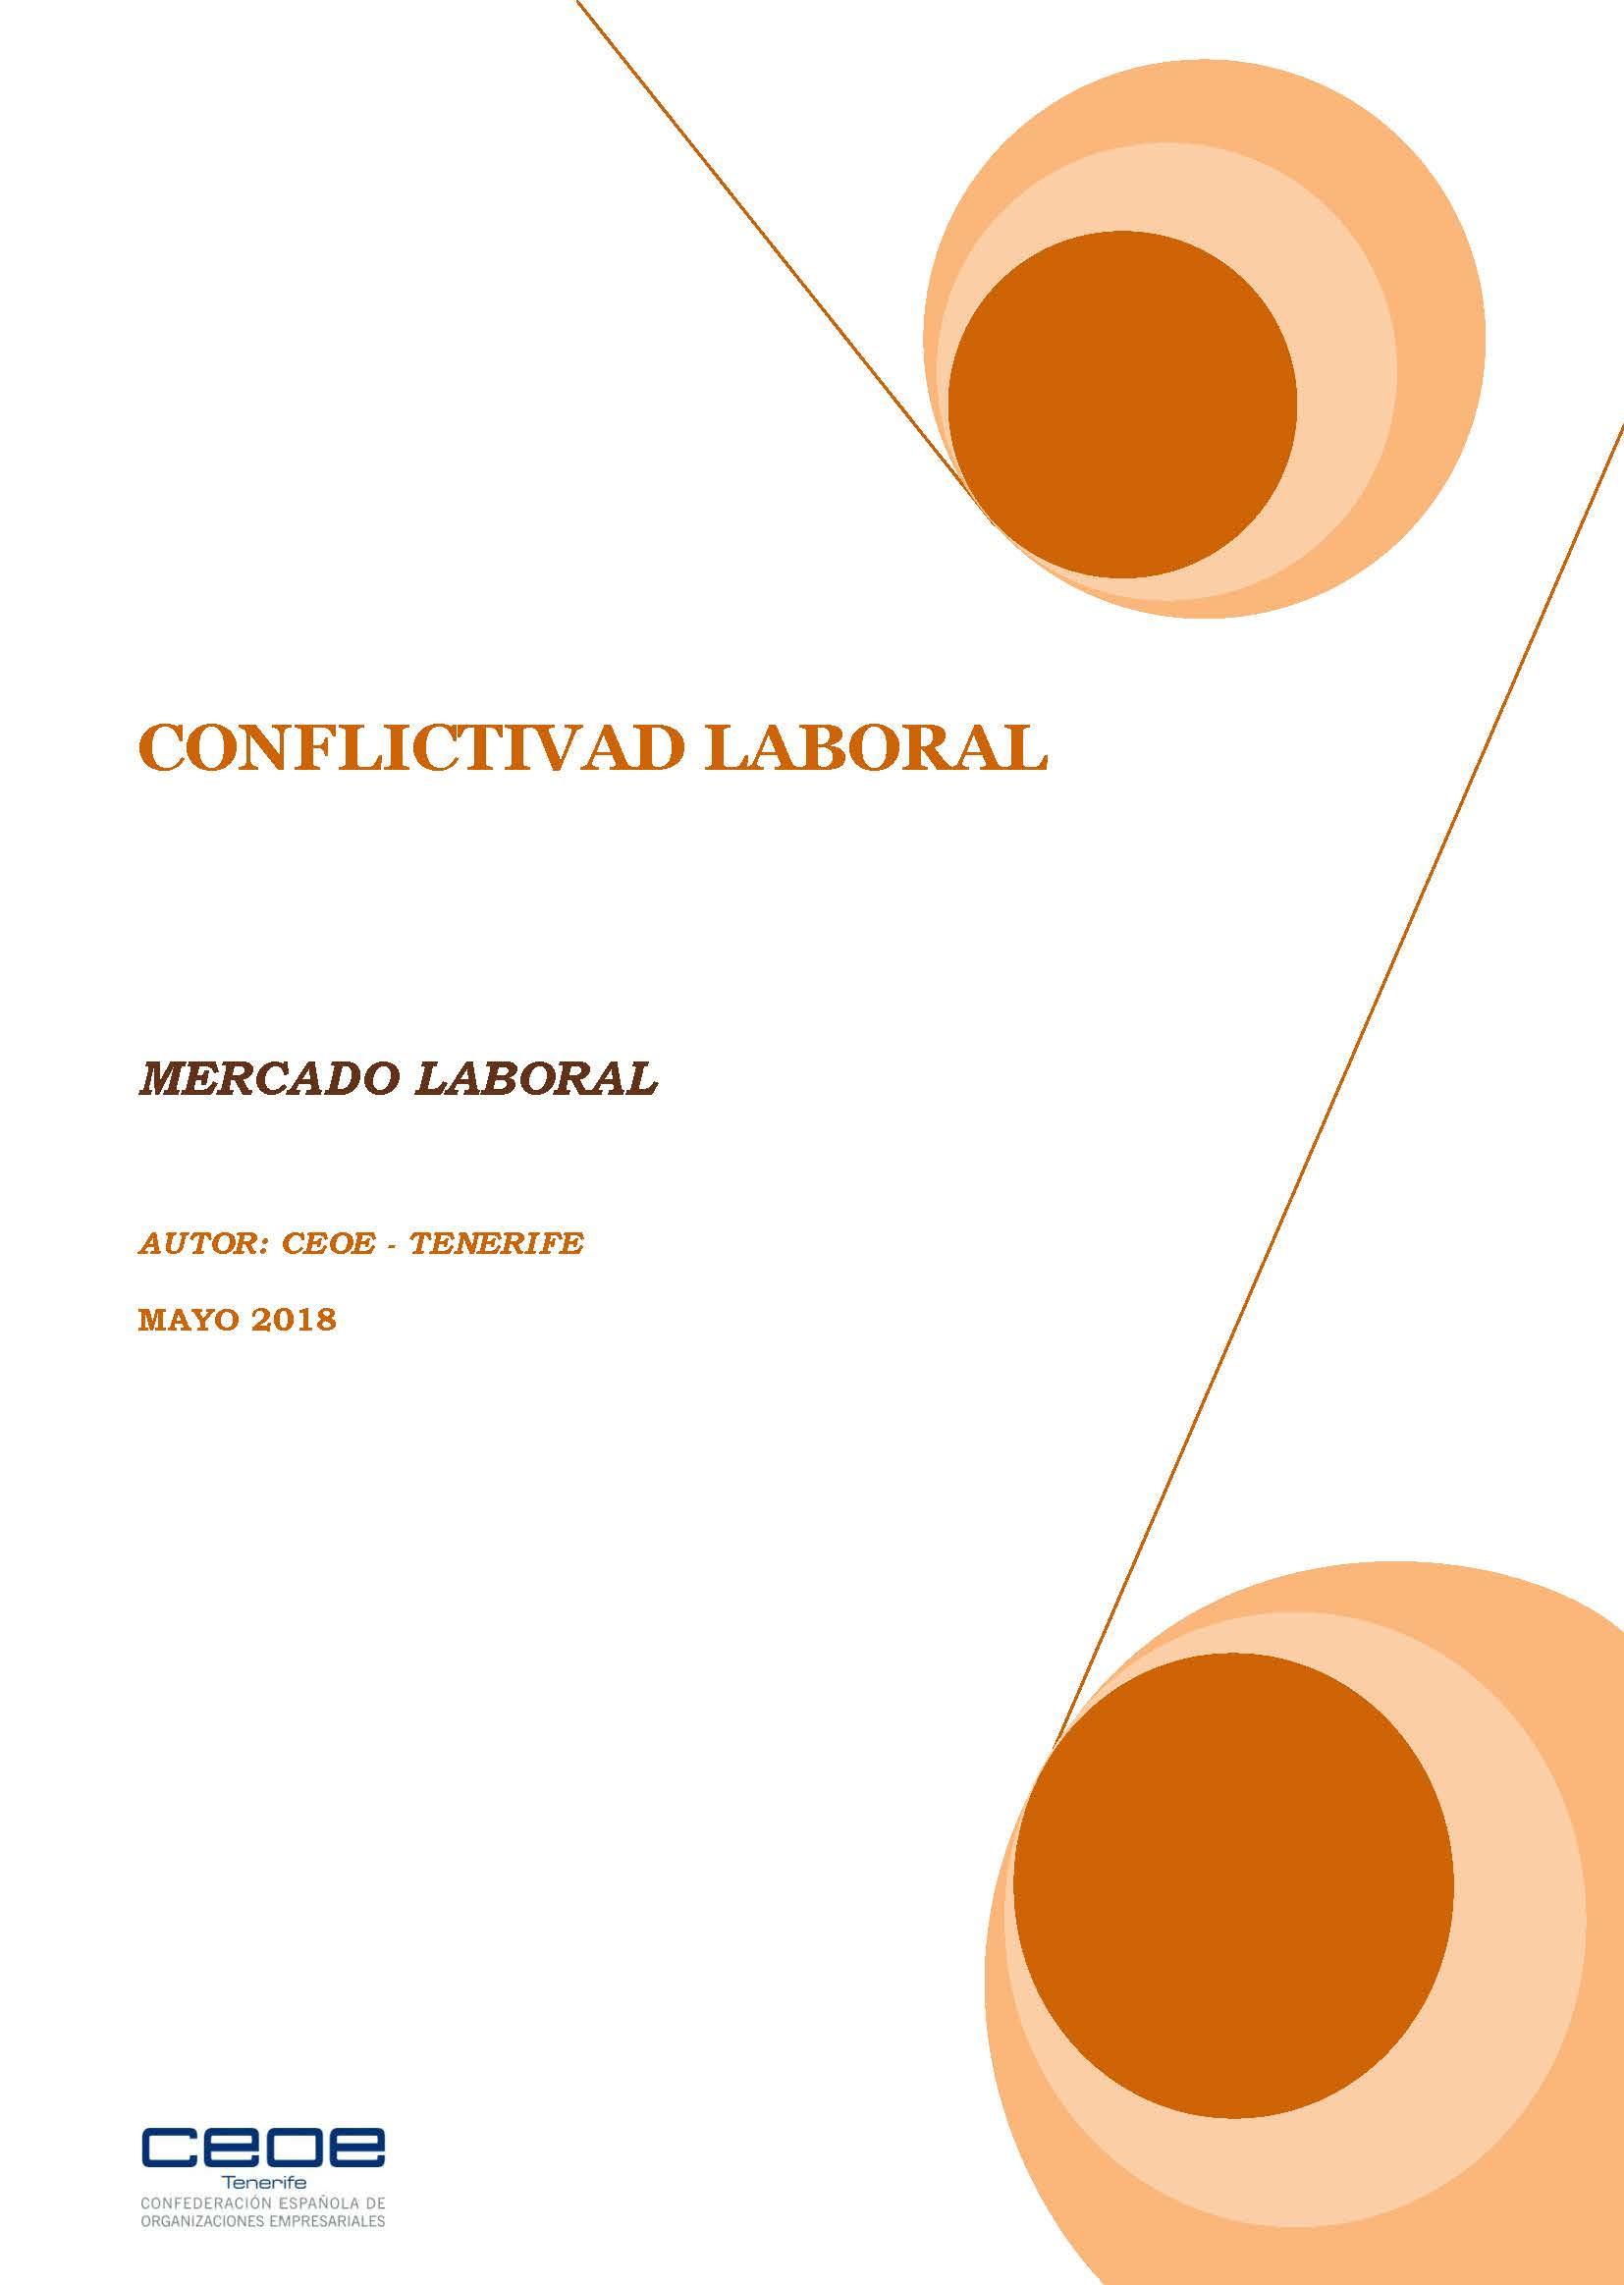 MERCADO LABORAL - CONFLICTIVIDAD LABORAL MAYO 2018